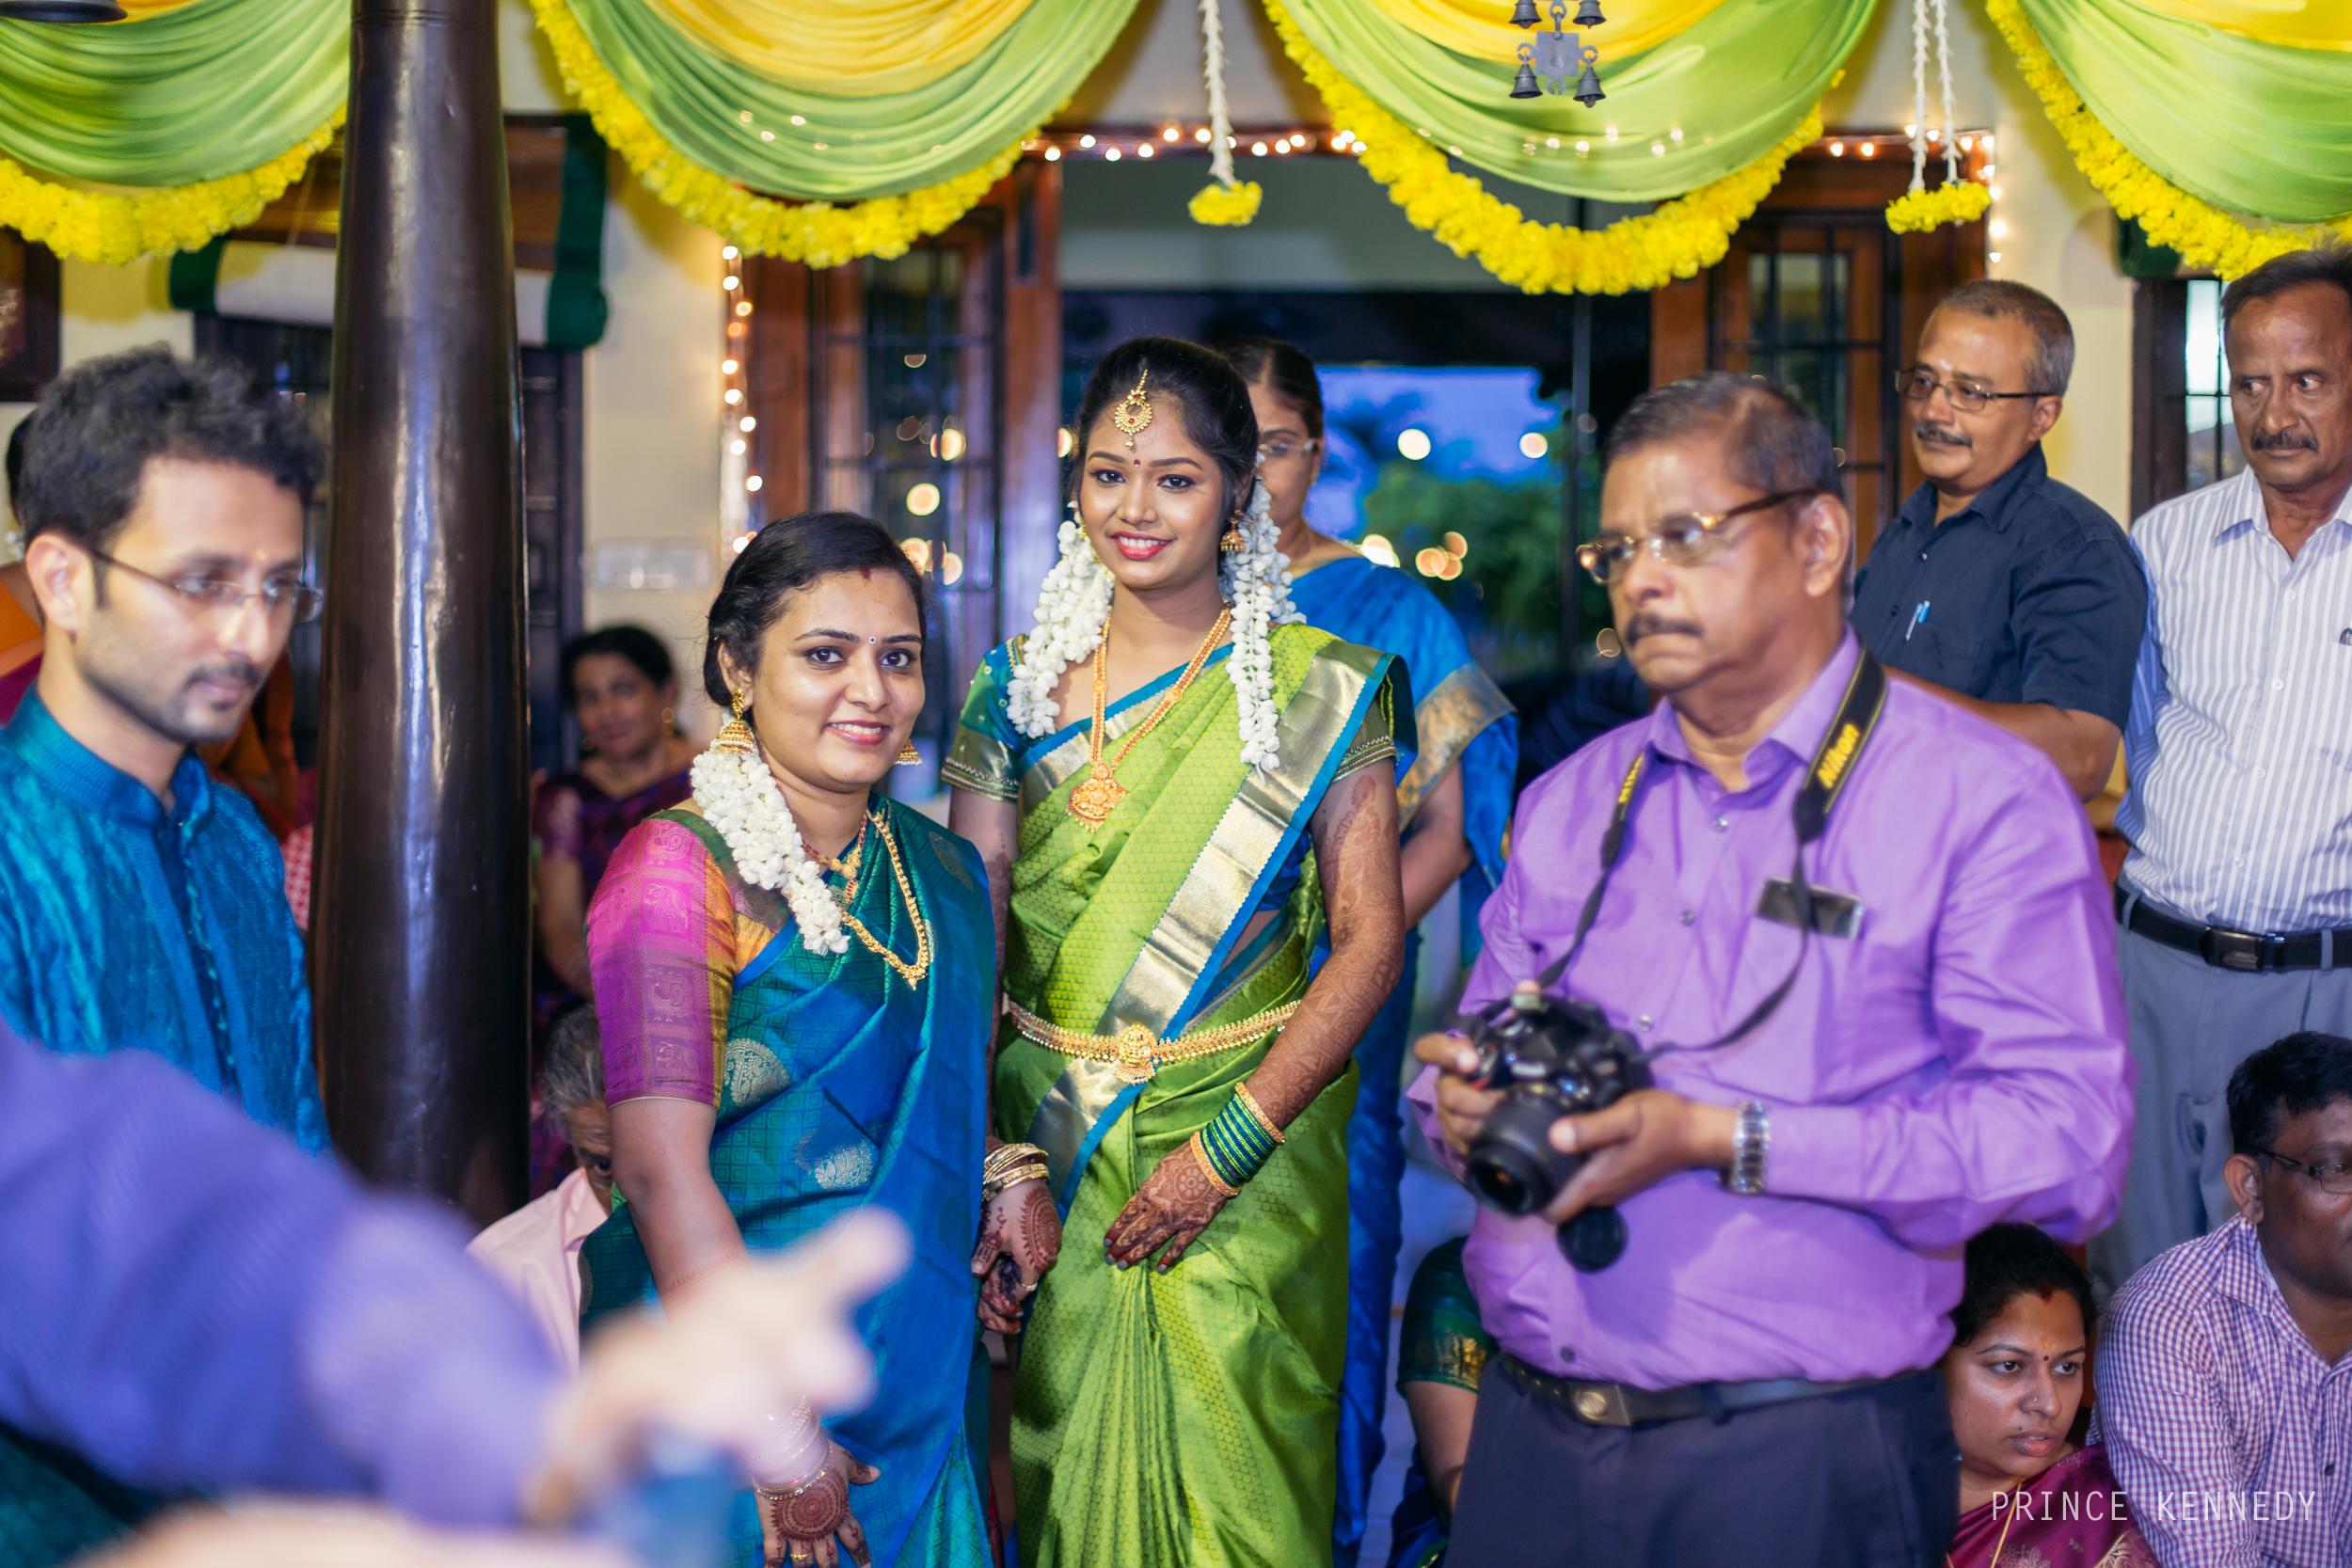 Engagement-Couple-Portrait-Portraiture-Wedding-Couple-Portrait-Chennai-Photographer-Candid-Photography-Destination-Best-Prince-Kennedy-Photography-206.jpg